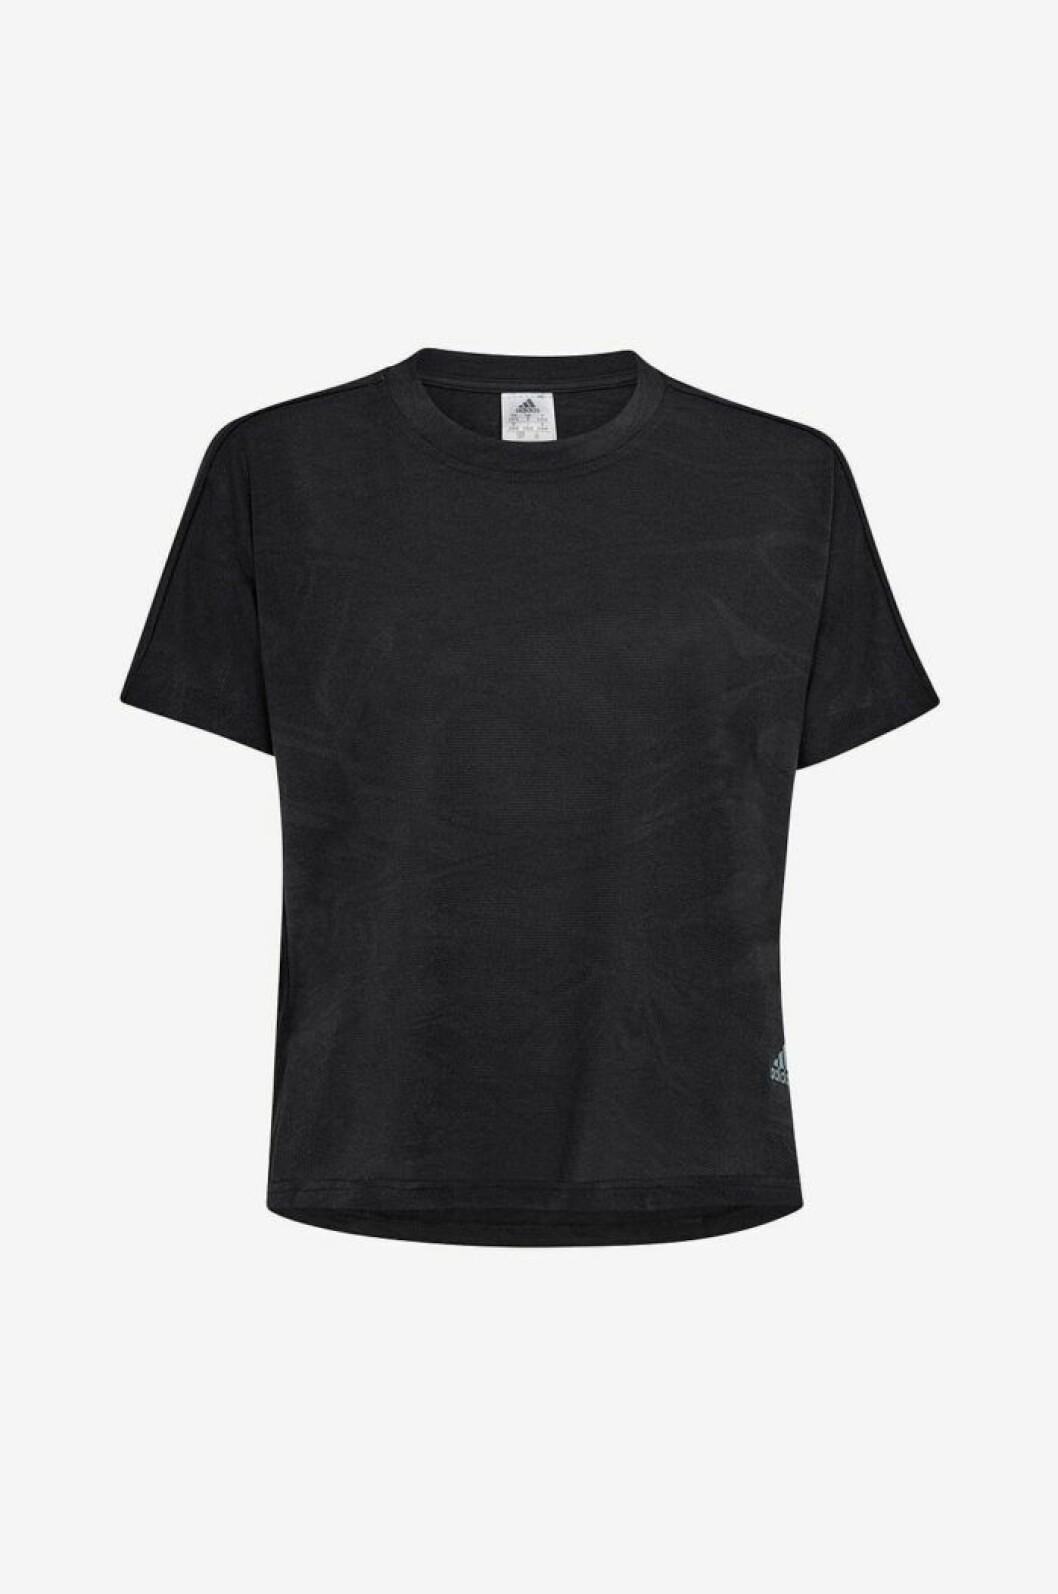 Svar t-shirt från Adidas